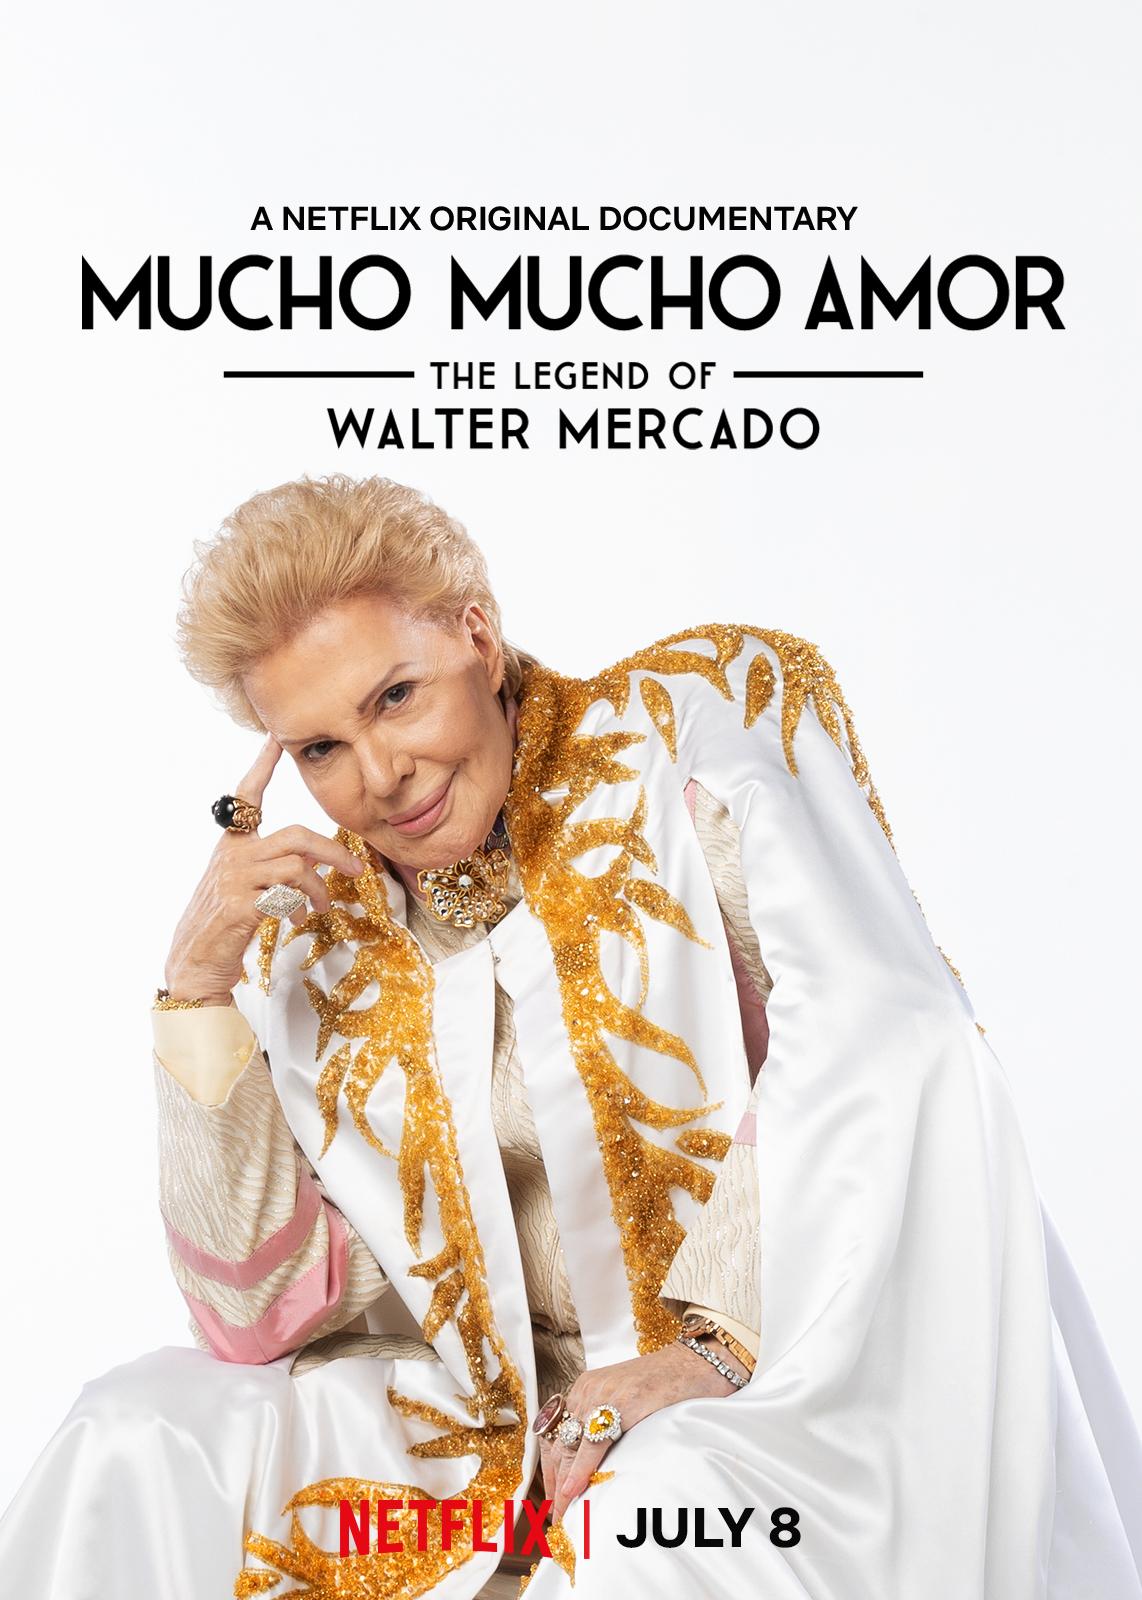 Mucho Mucho Amor: The Legend of Walter Mercado (2020) - IMDb